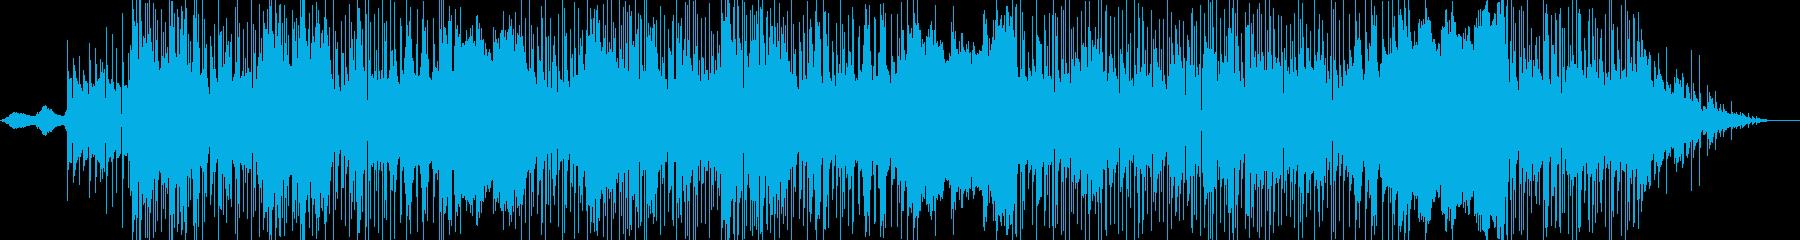 アコースティックポップ、男性ボーカ...の再生済みの波形